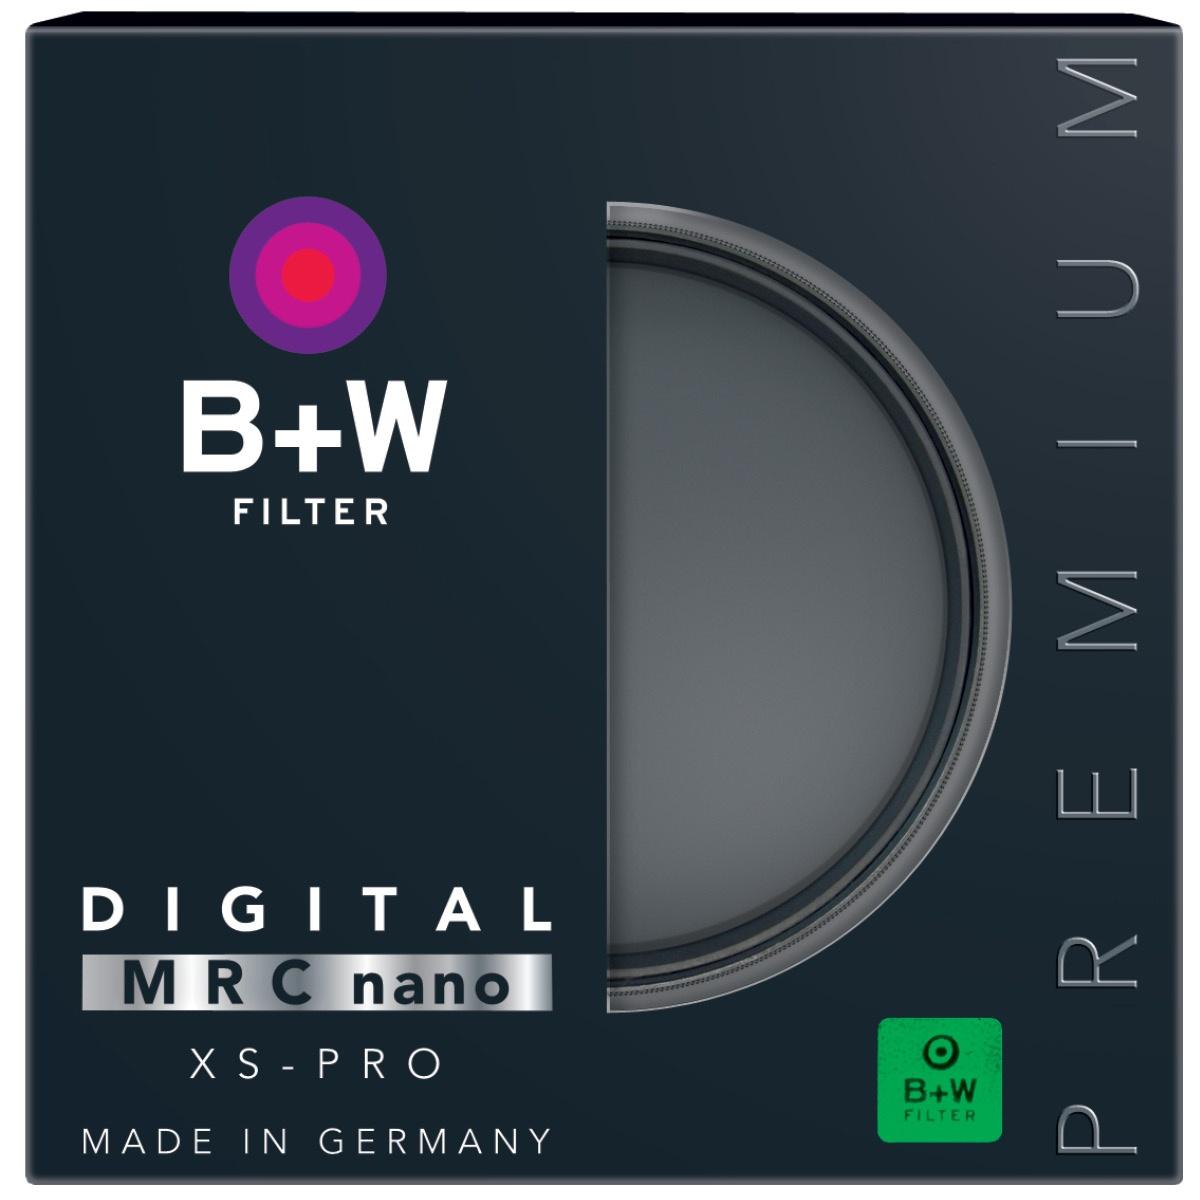 B+W Clear Filter 62 mm XS-Pro